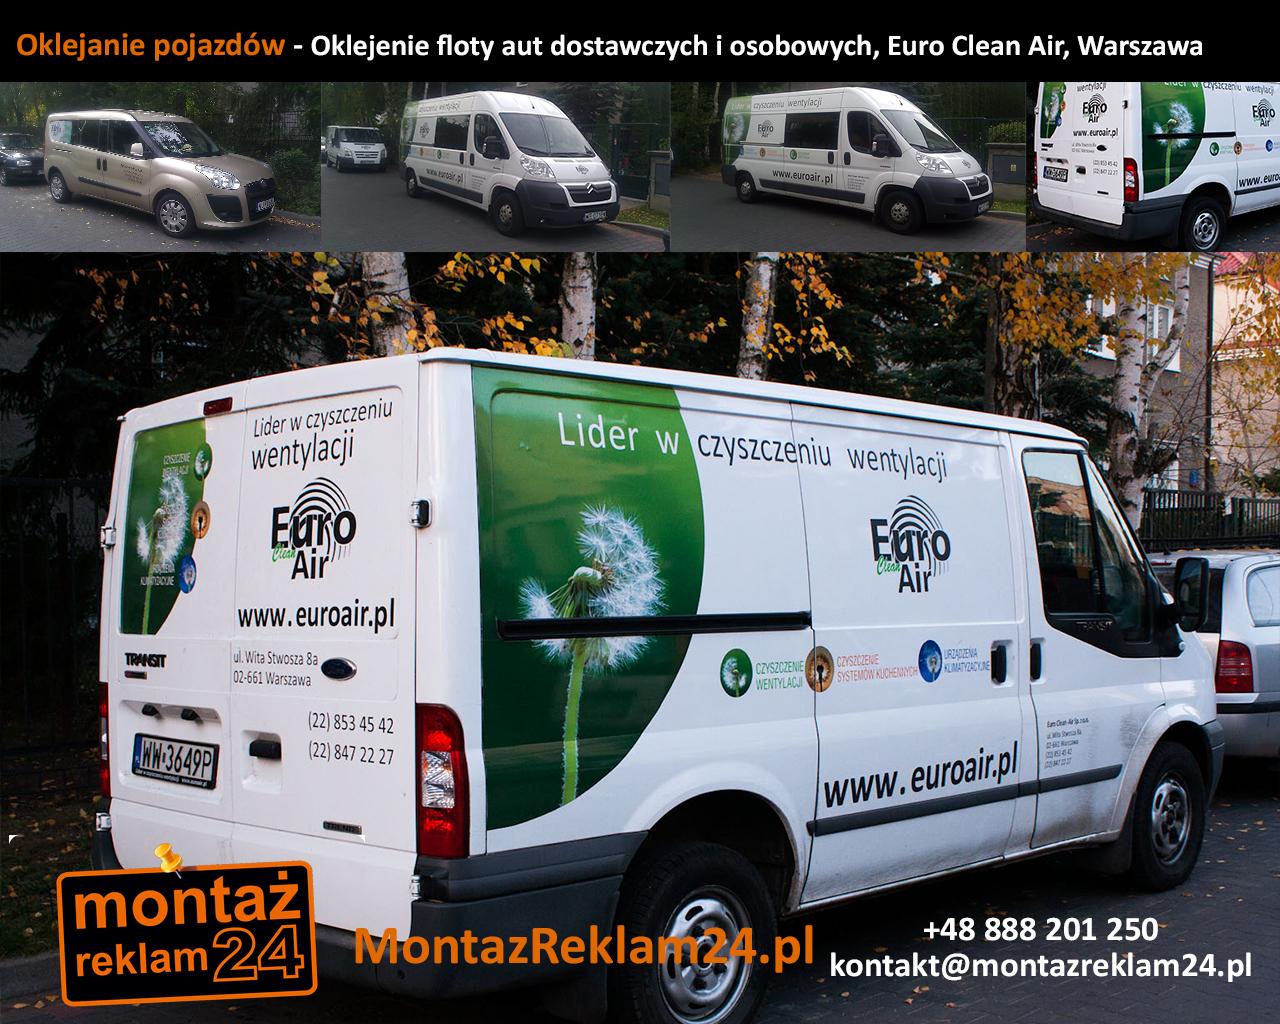 Oklejanie pojazdów - Oklejenie floty aut dostawczych i osobowych, Euro Clean Air, Warszawa.jpg